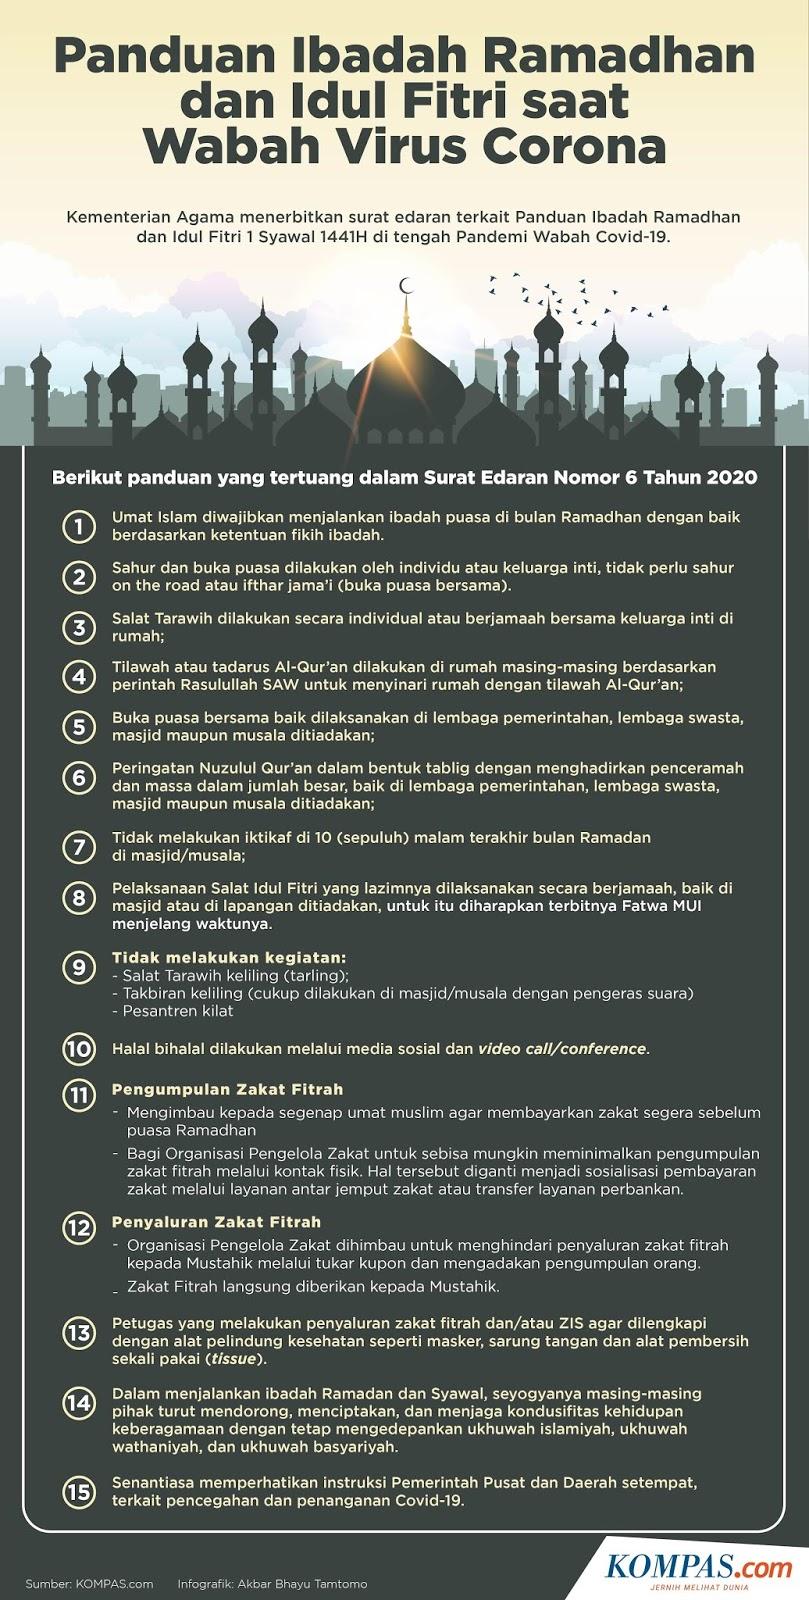 Fatwa MUI Shalat Idul Fitri 1441 H dan Malam Takbir - Panduan dan Waktu Shalat Idul Fitri Lengkap